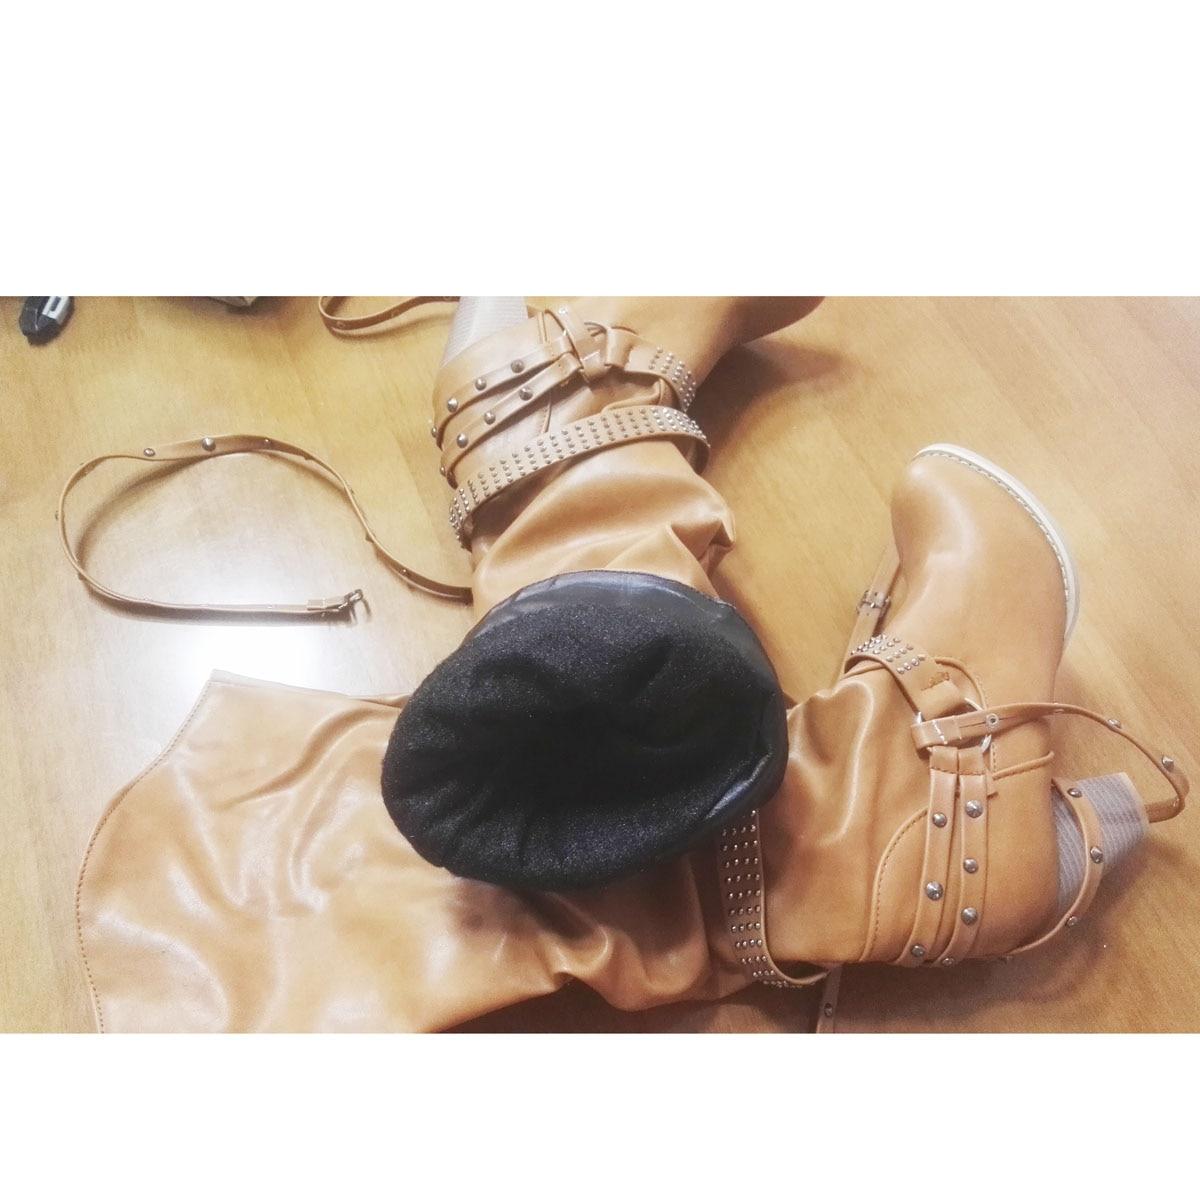 army Green Xingdeng 43 Delgados De Occidental white Beige grey brown Zapatos Botas 34 Largas Pu Mujeres Cuero Señoras Tacones yellow Motocicleta Hebilla Remaches Vaquero black faxwf1rBq